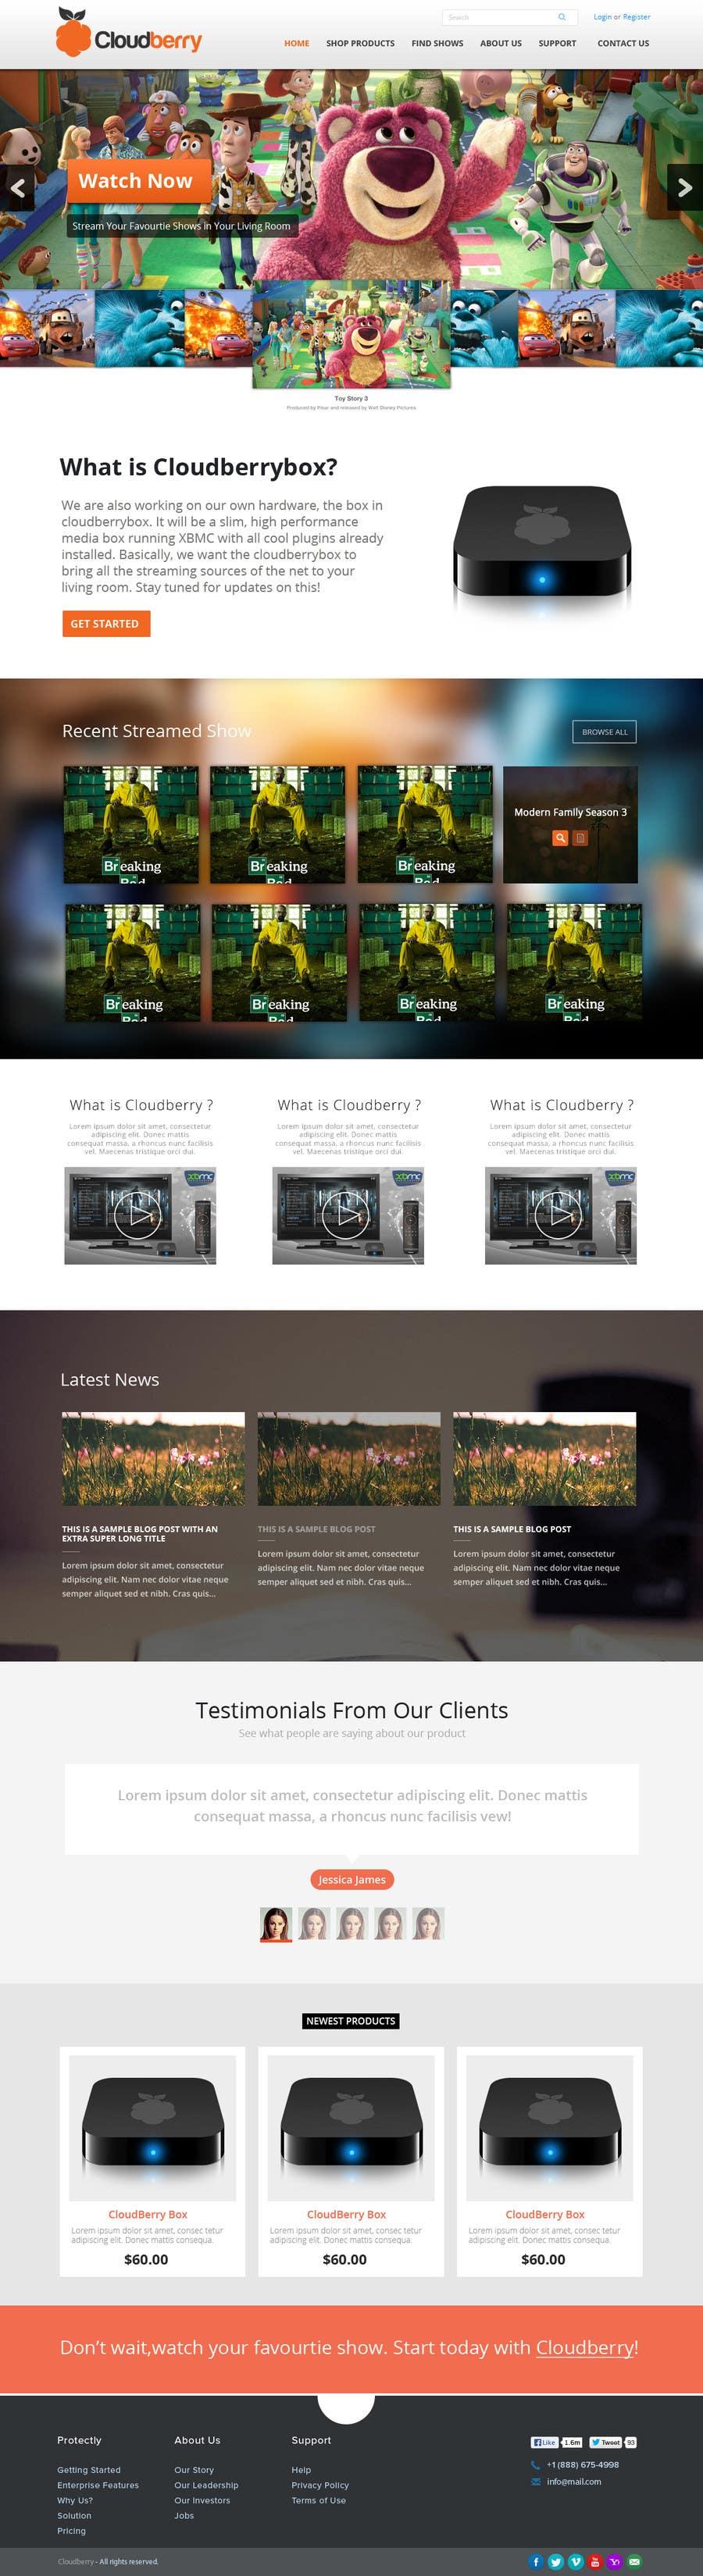 Inscrição nº 5 do Concurso para Design a Website Mockup for Cloudberry mediabox